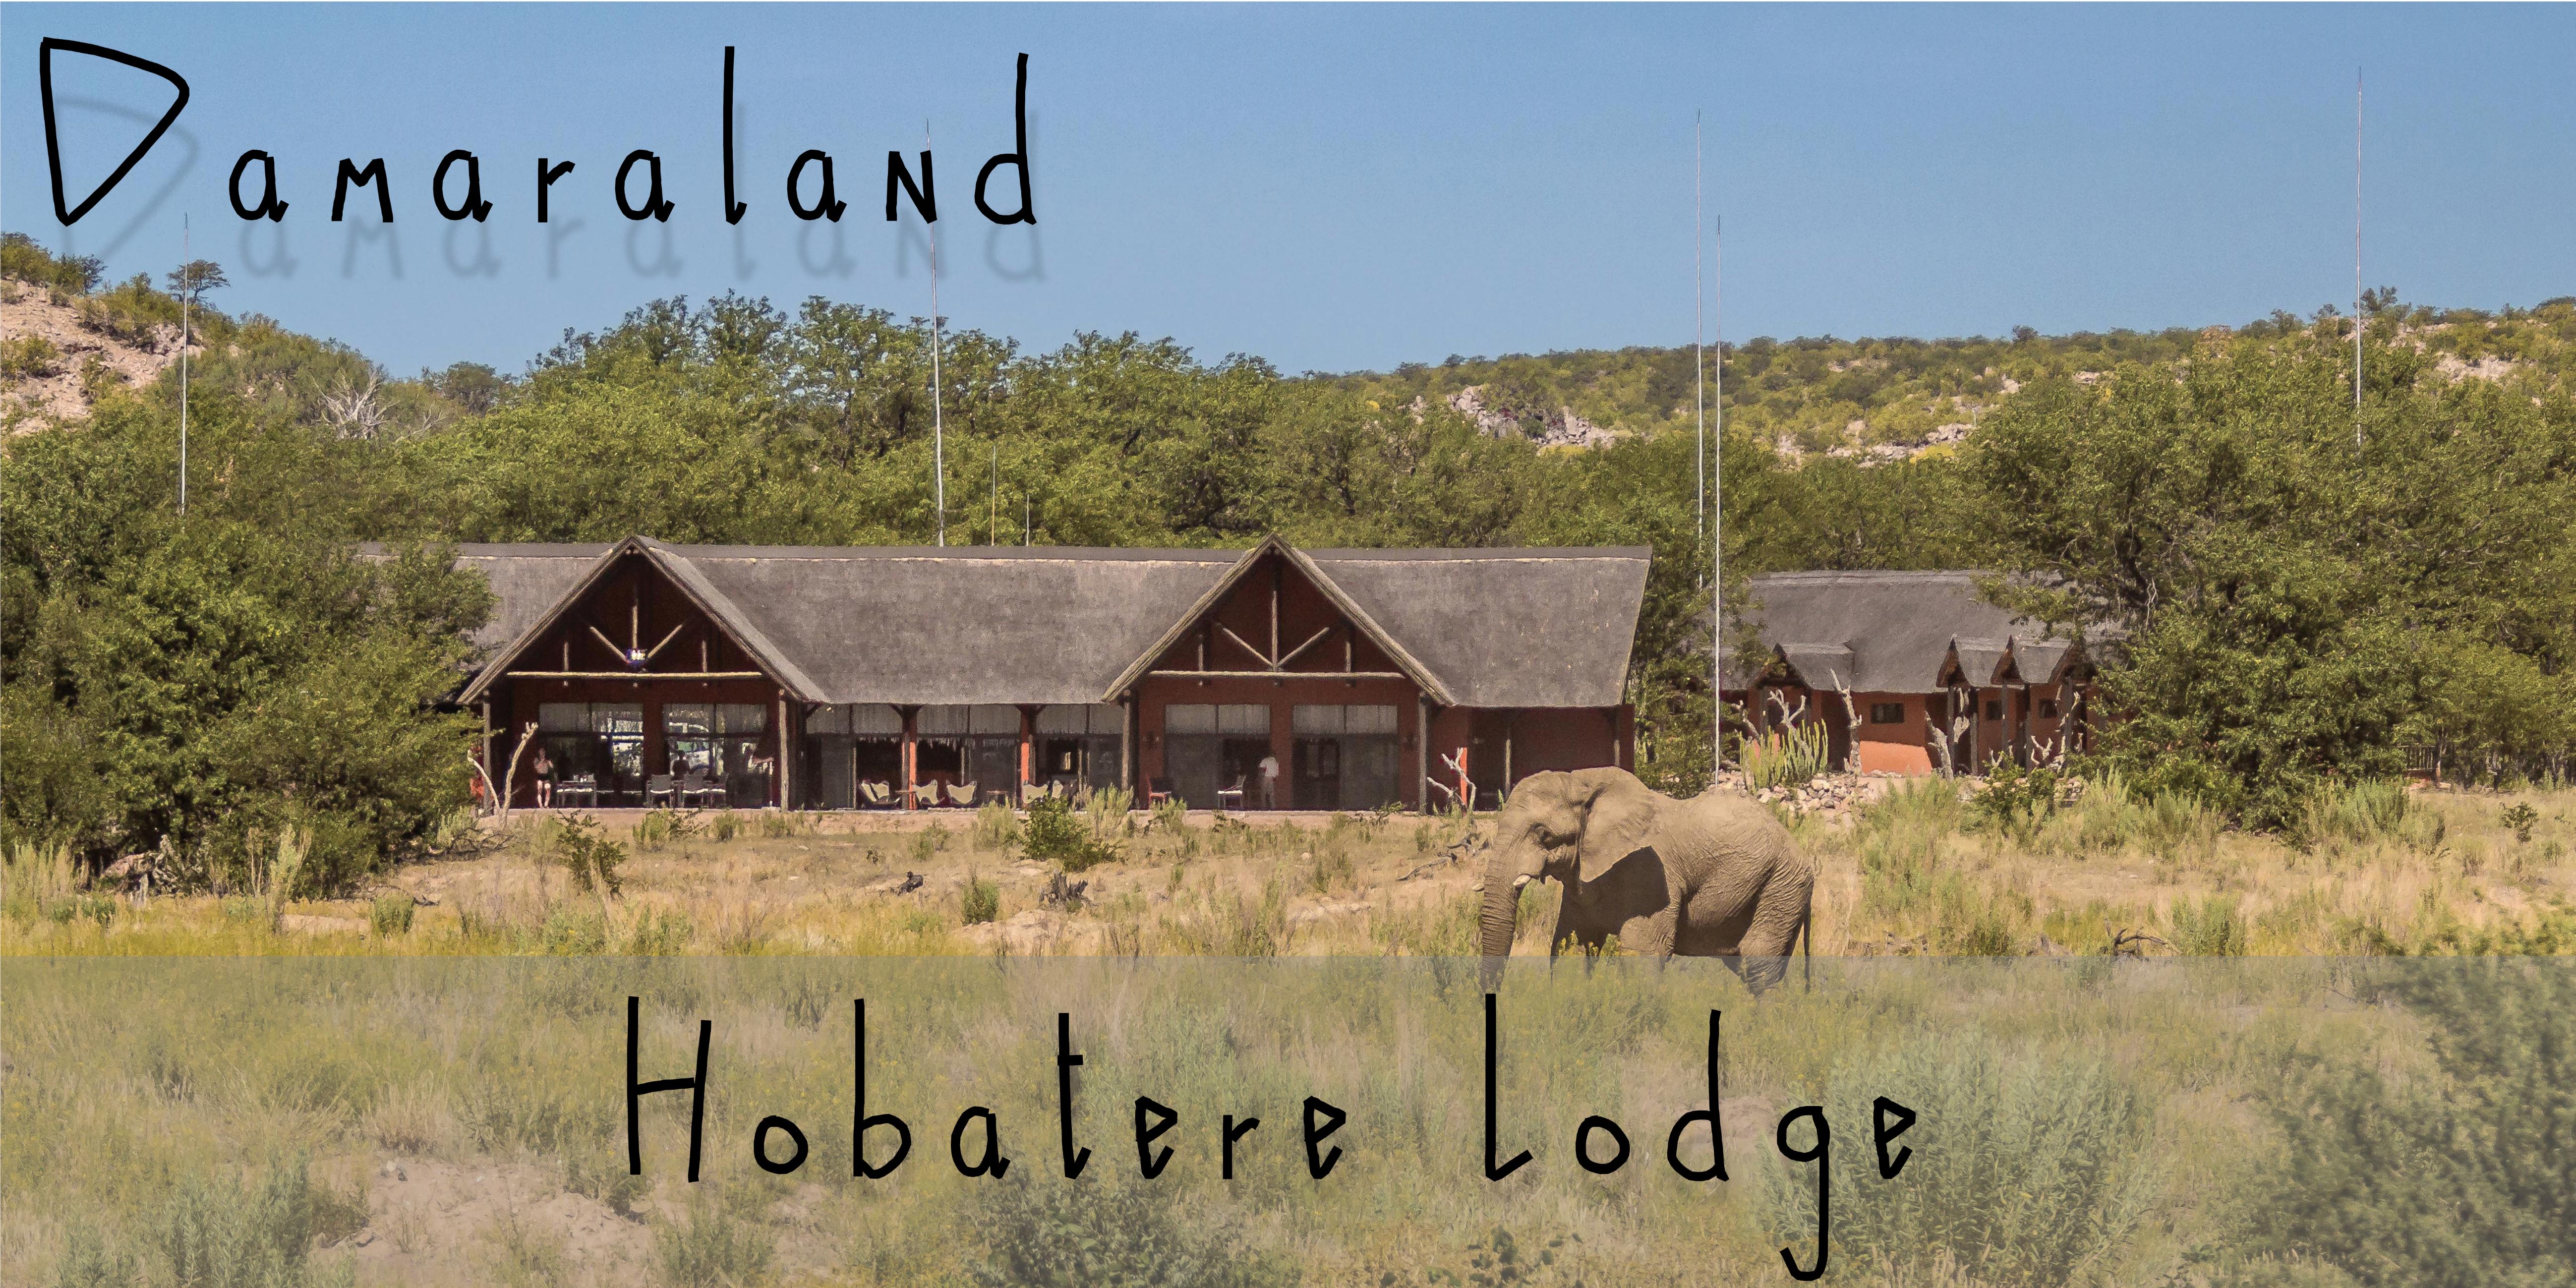 Hobatere Lodge